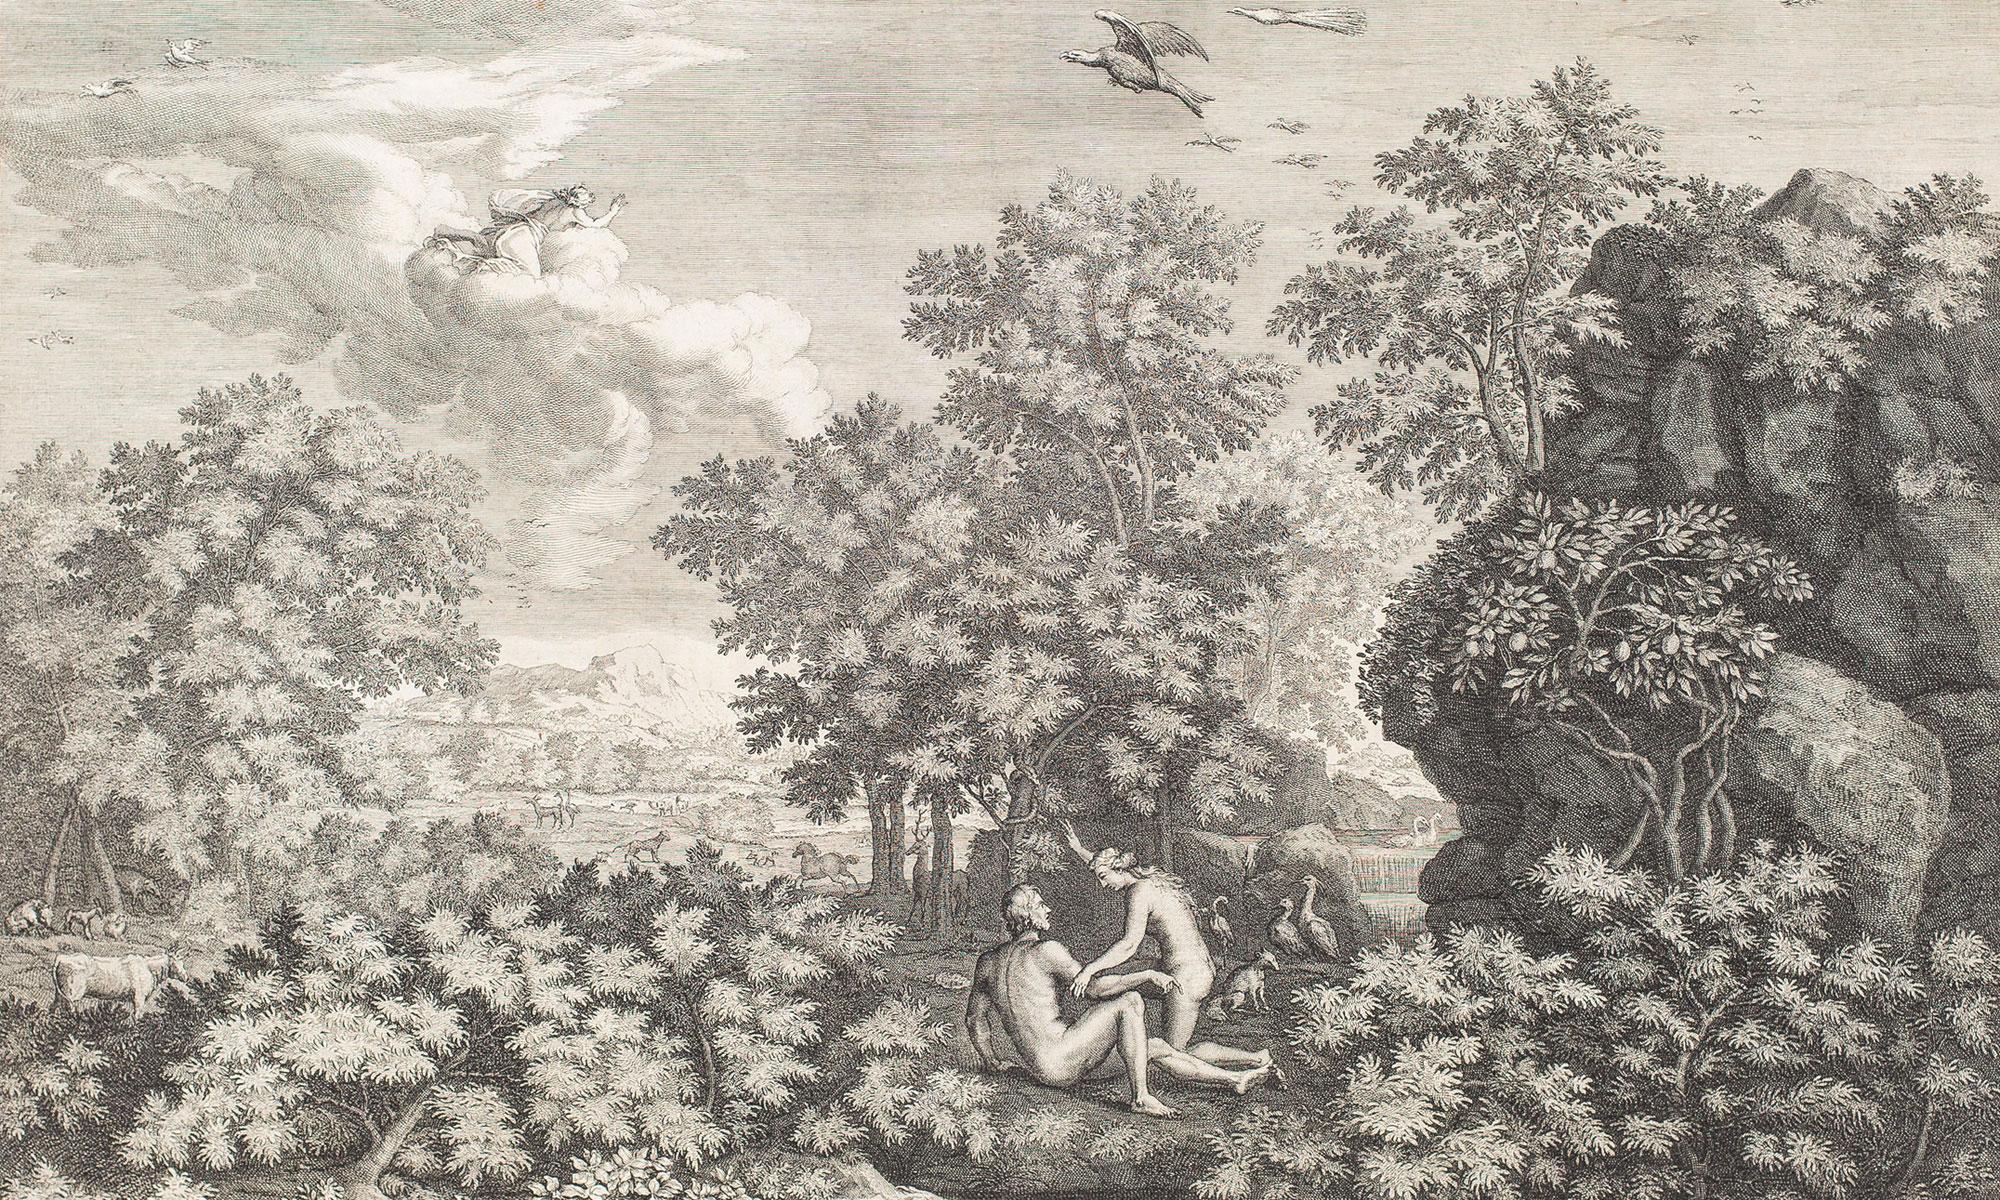 Le Printemps - Nicolas Poussin, gravure de Gérard Audran